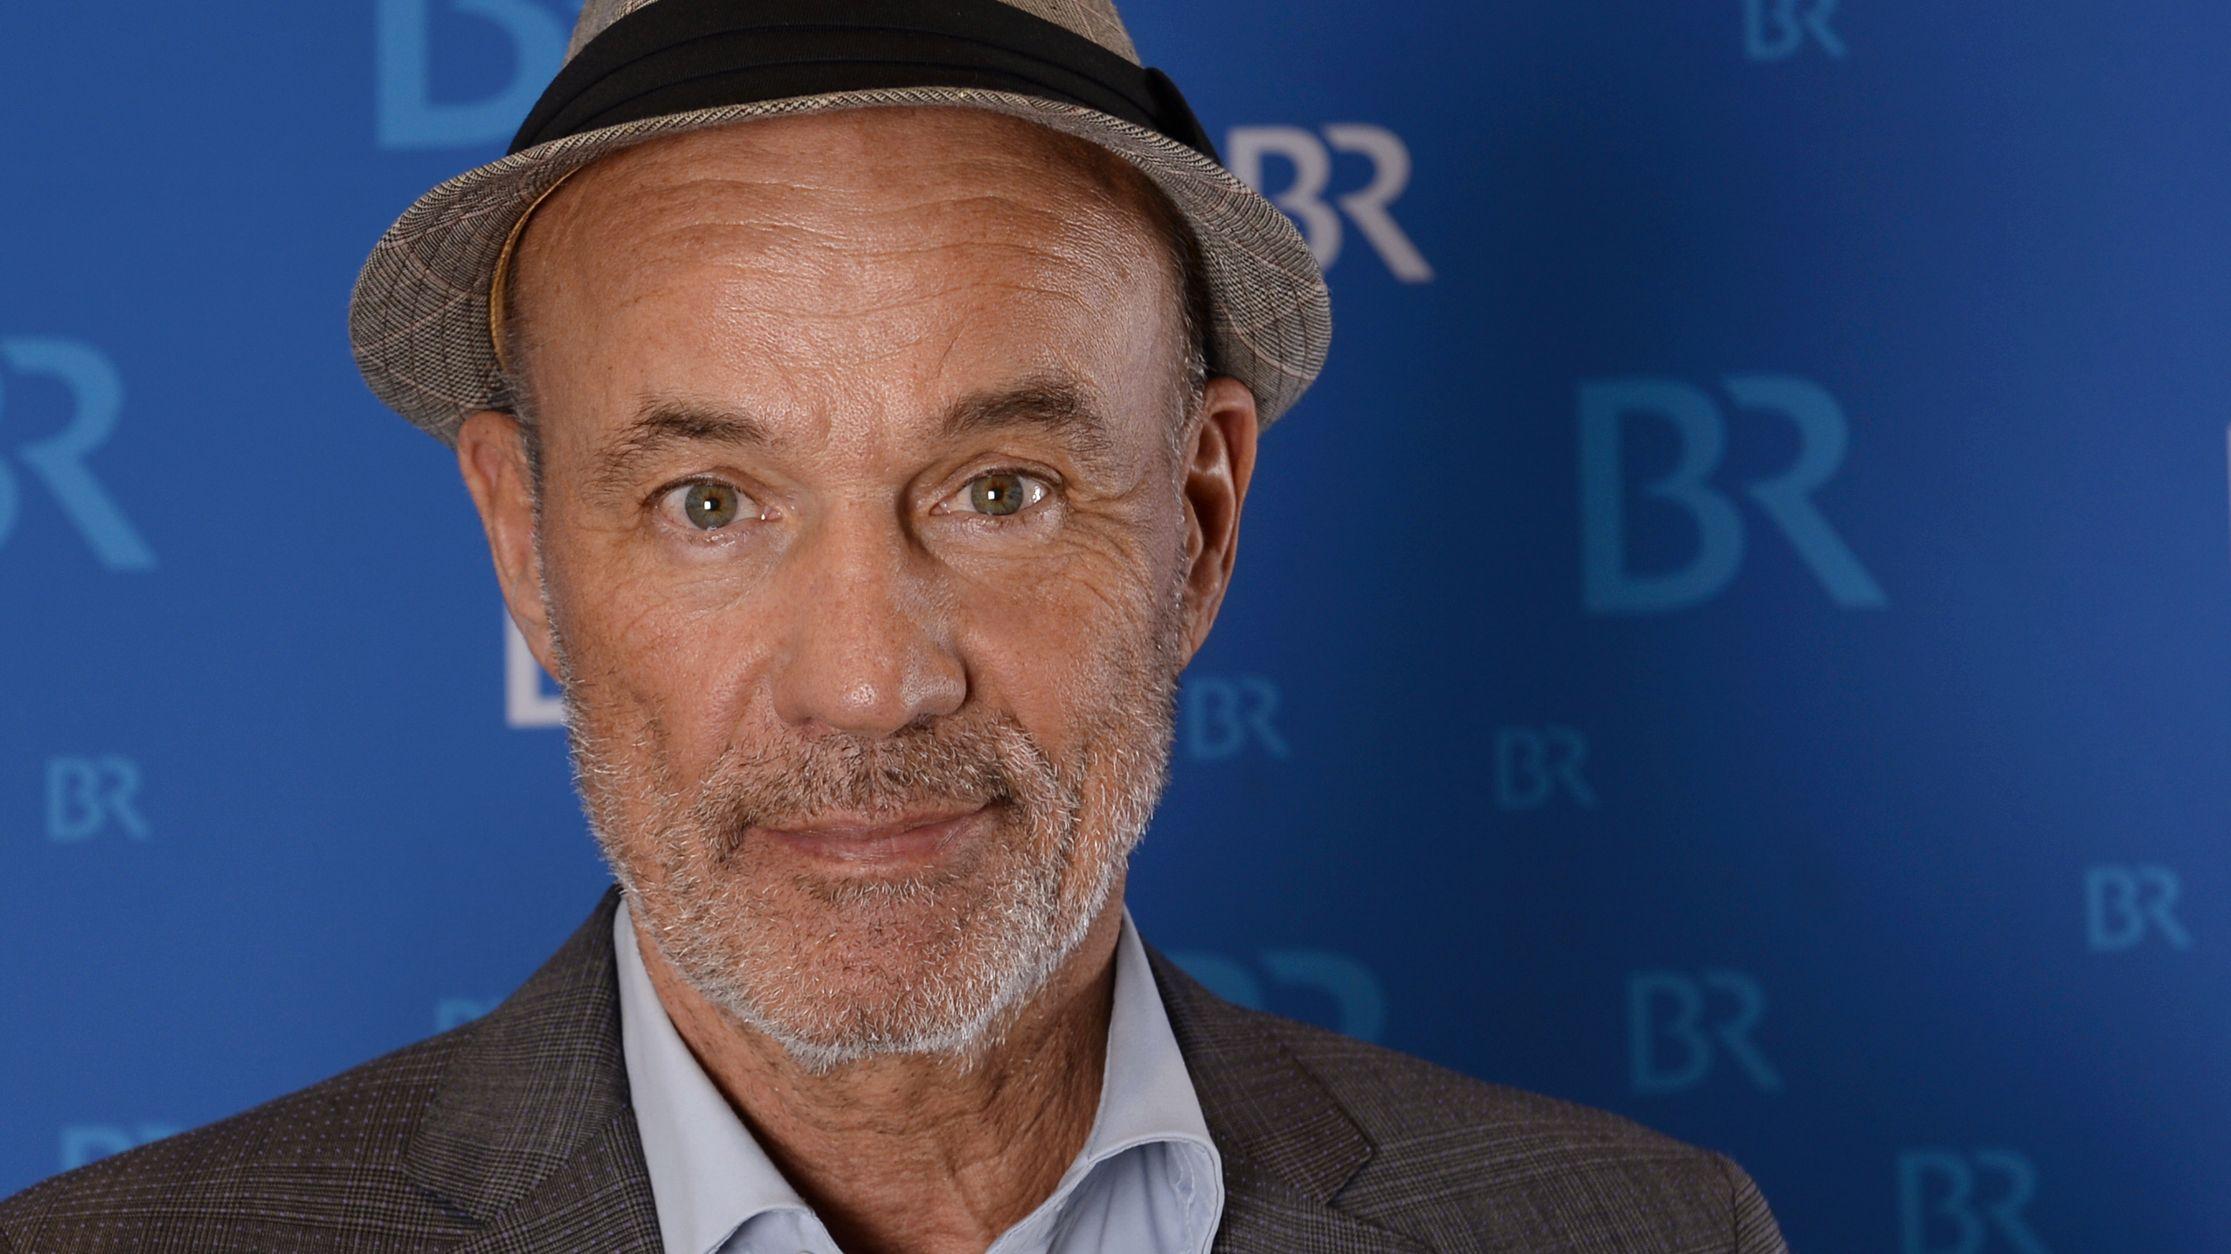 Heiner Lauterbach mit Hut vor einer blauen Wand mit BR-Logos